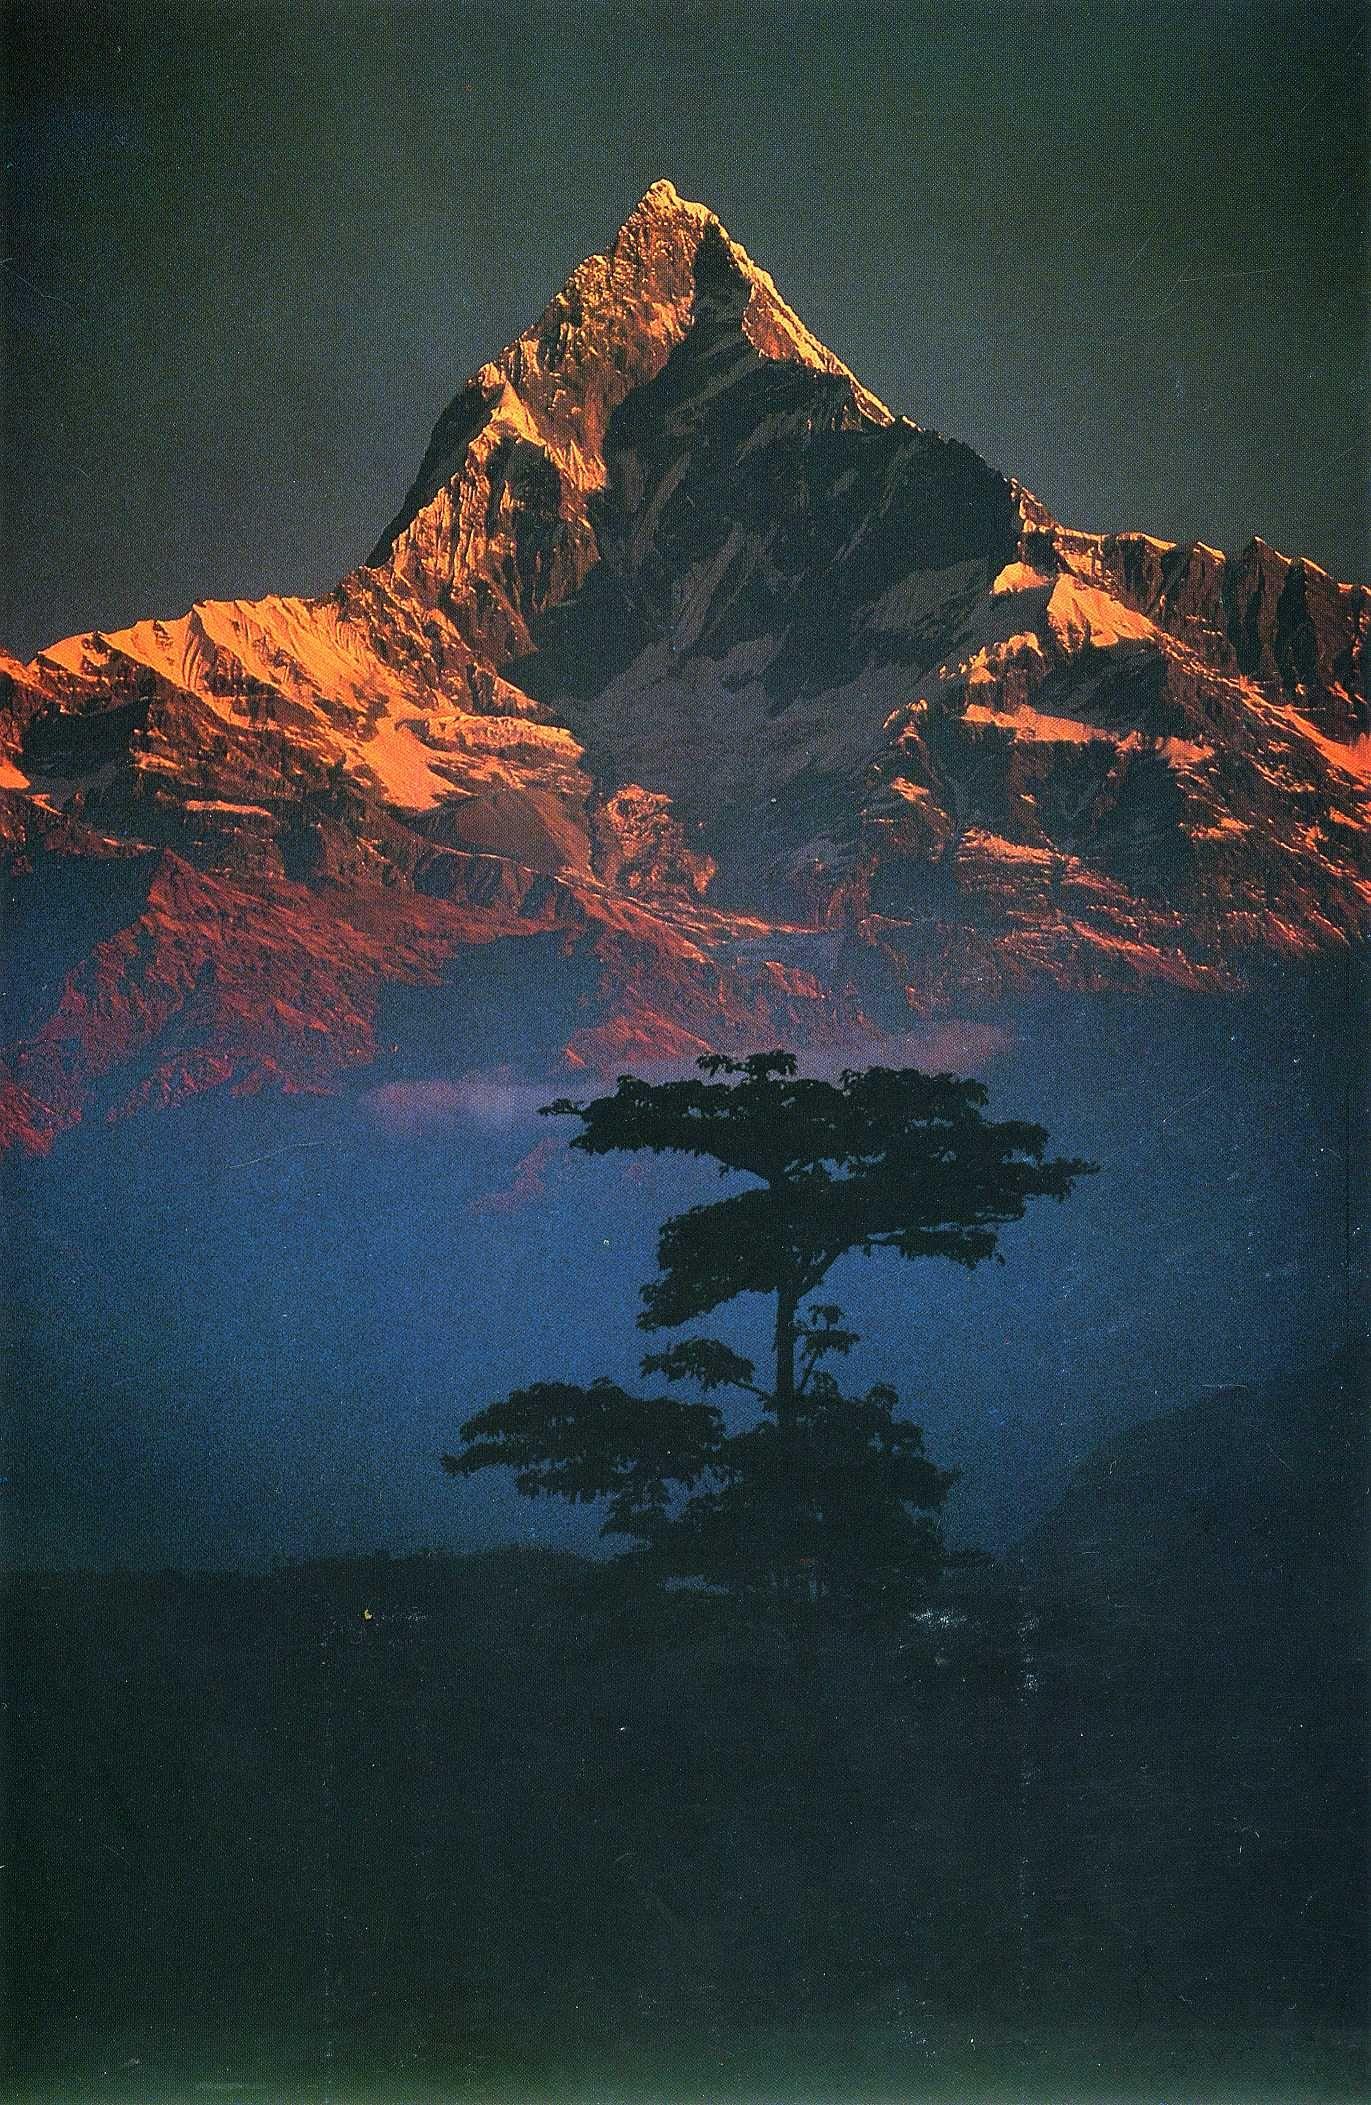 Amazing Nature Photography, Scenic Landscape